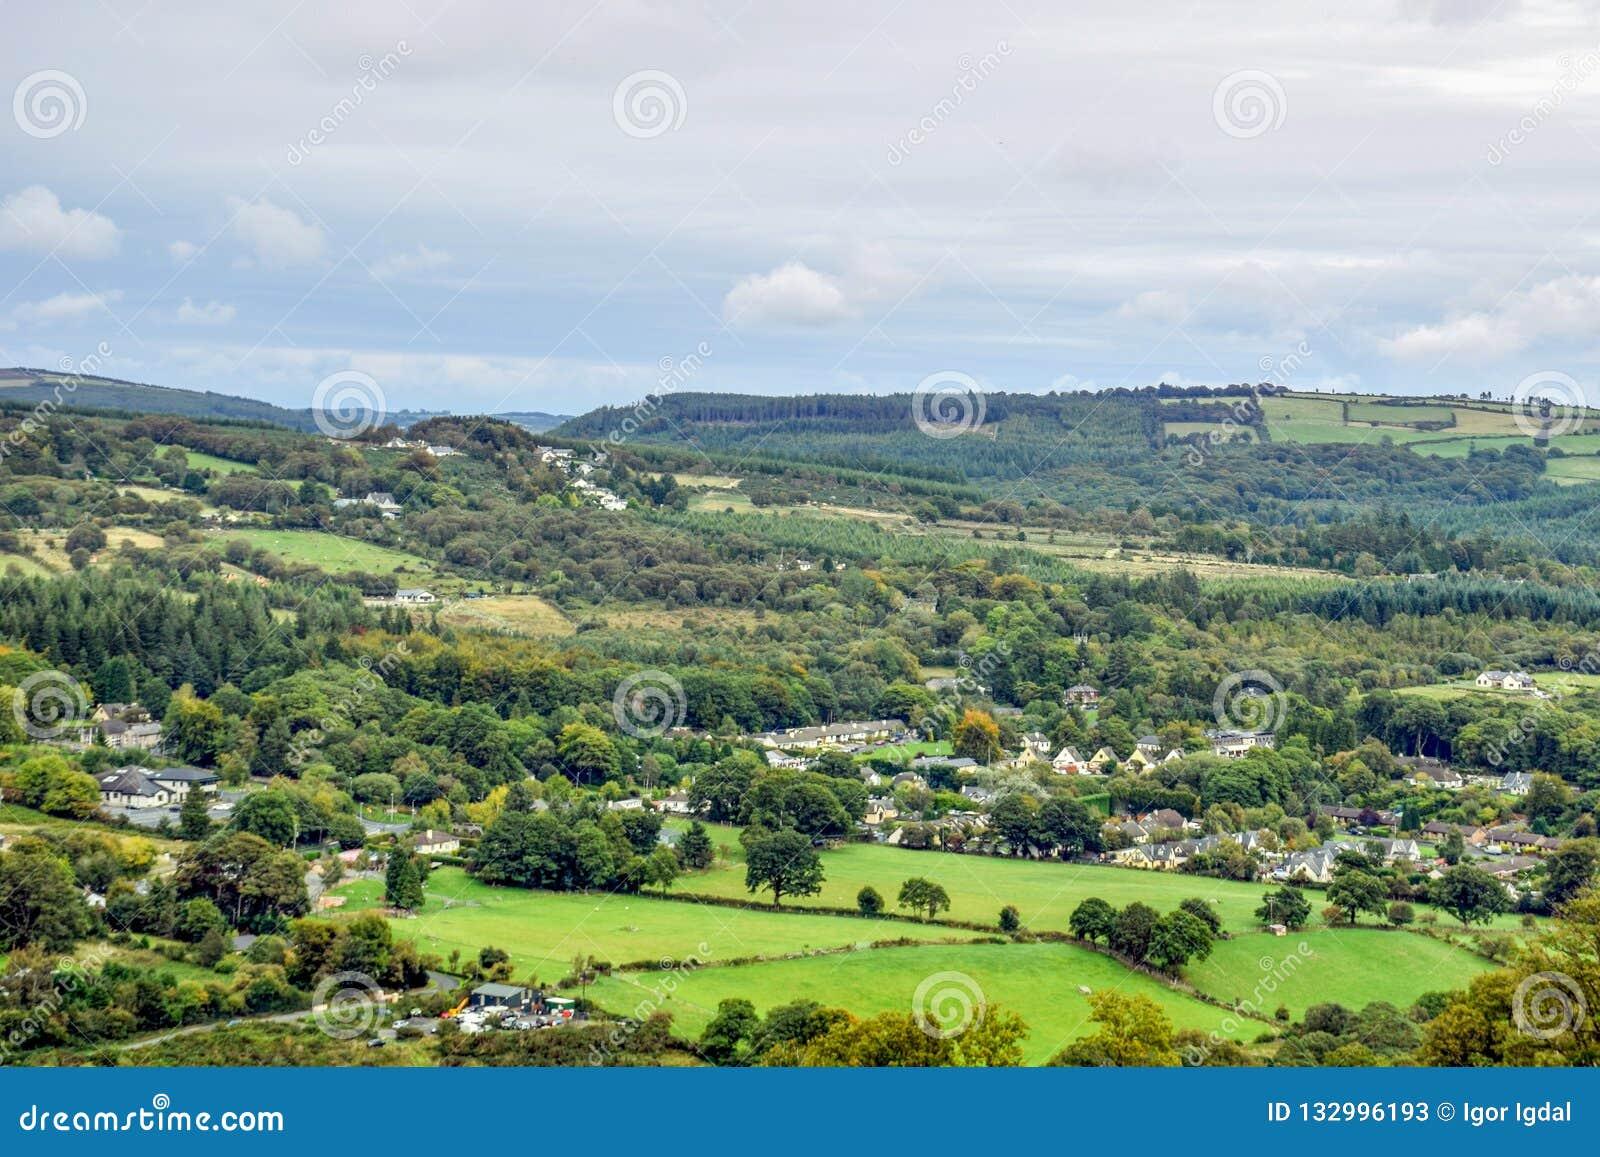 Ideia aérea dos campos verdes em torno de Glendalough na Irlanda